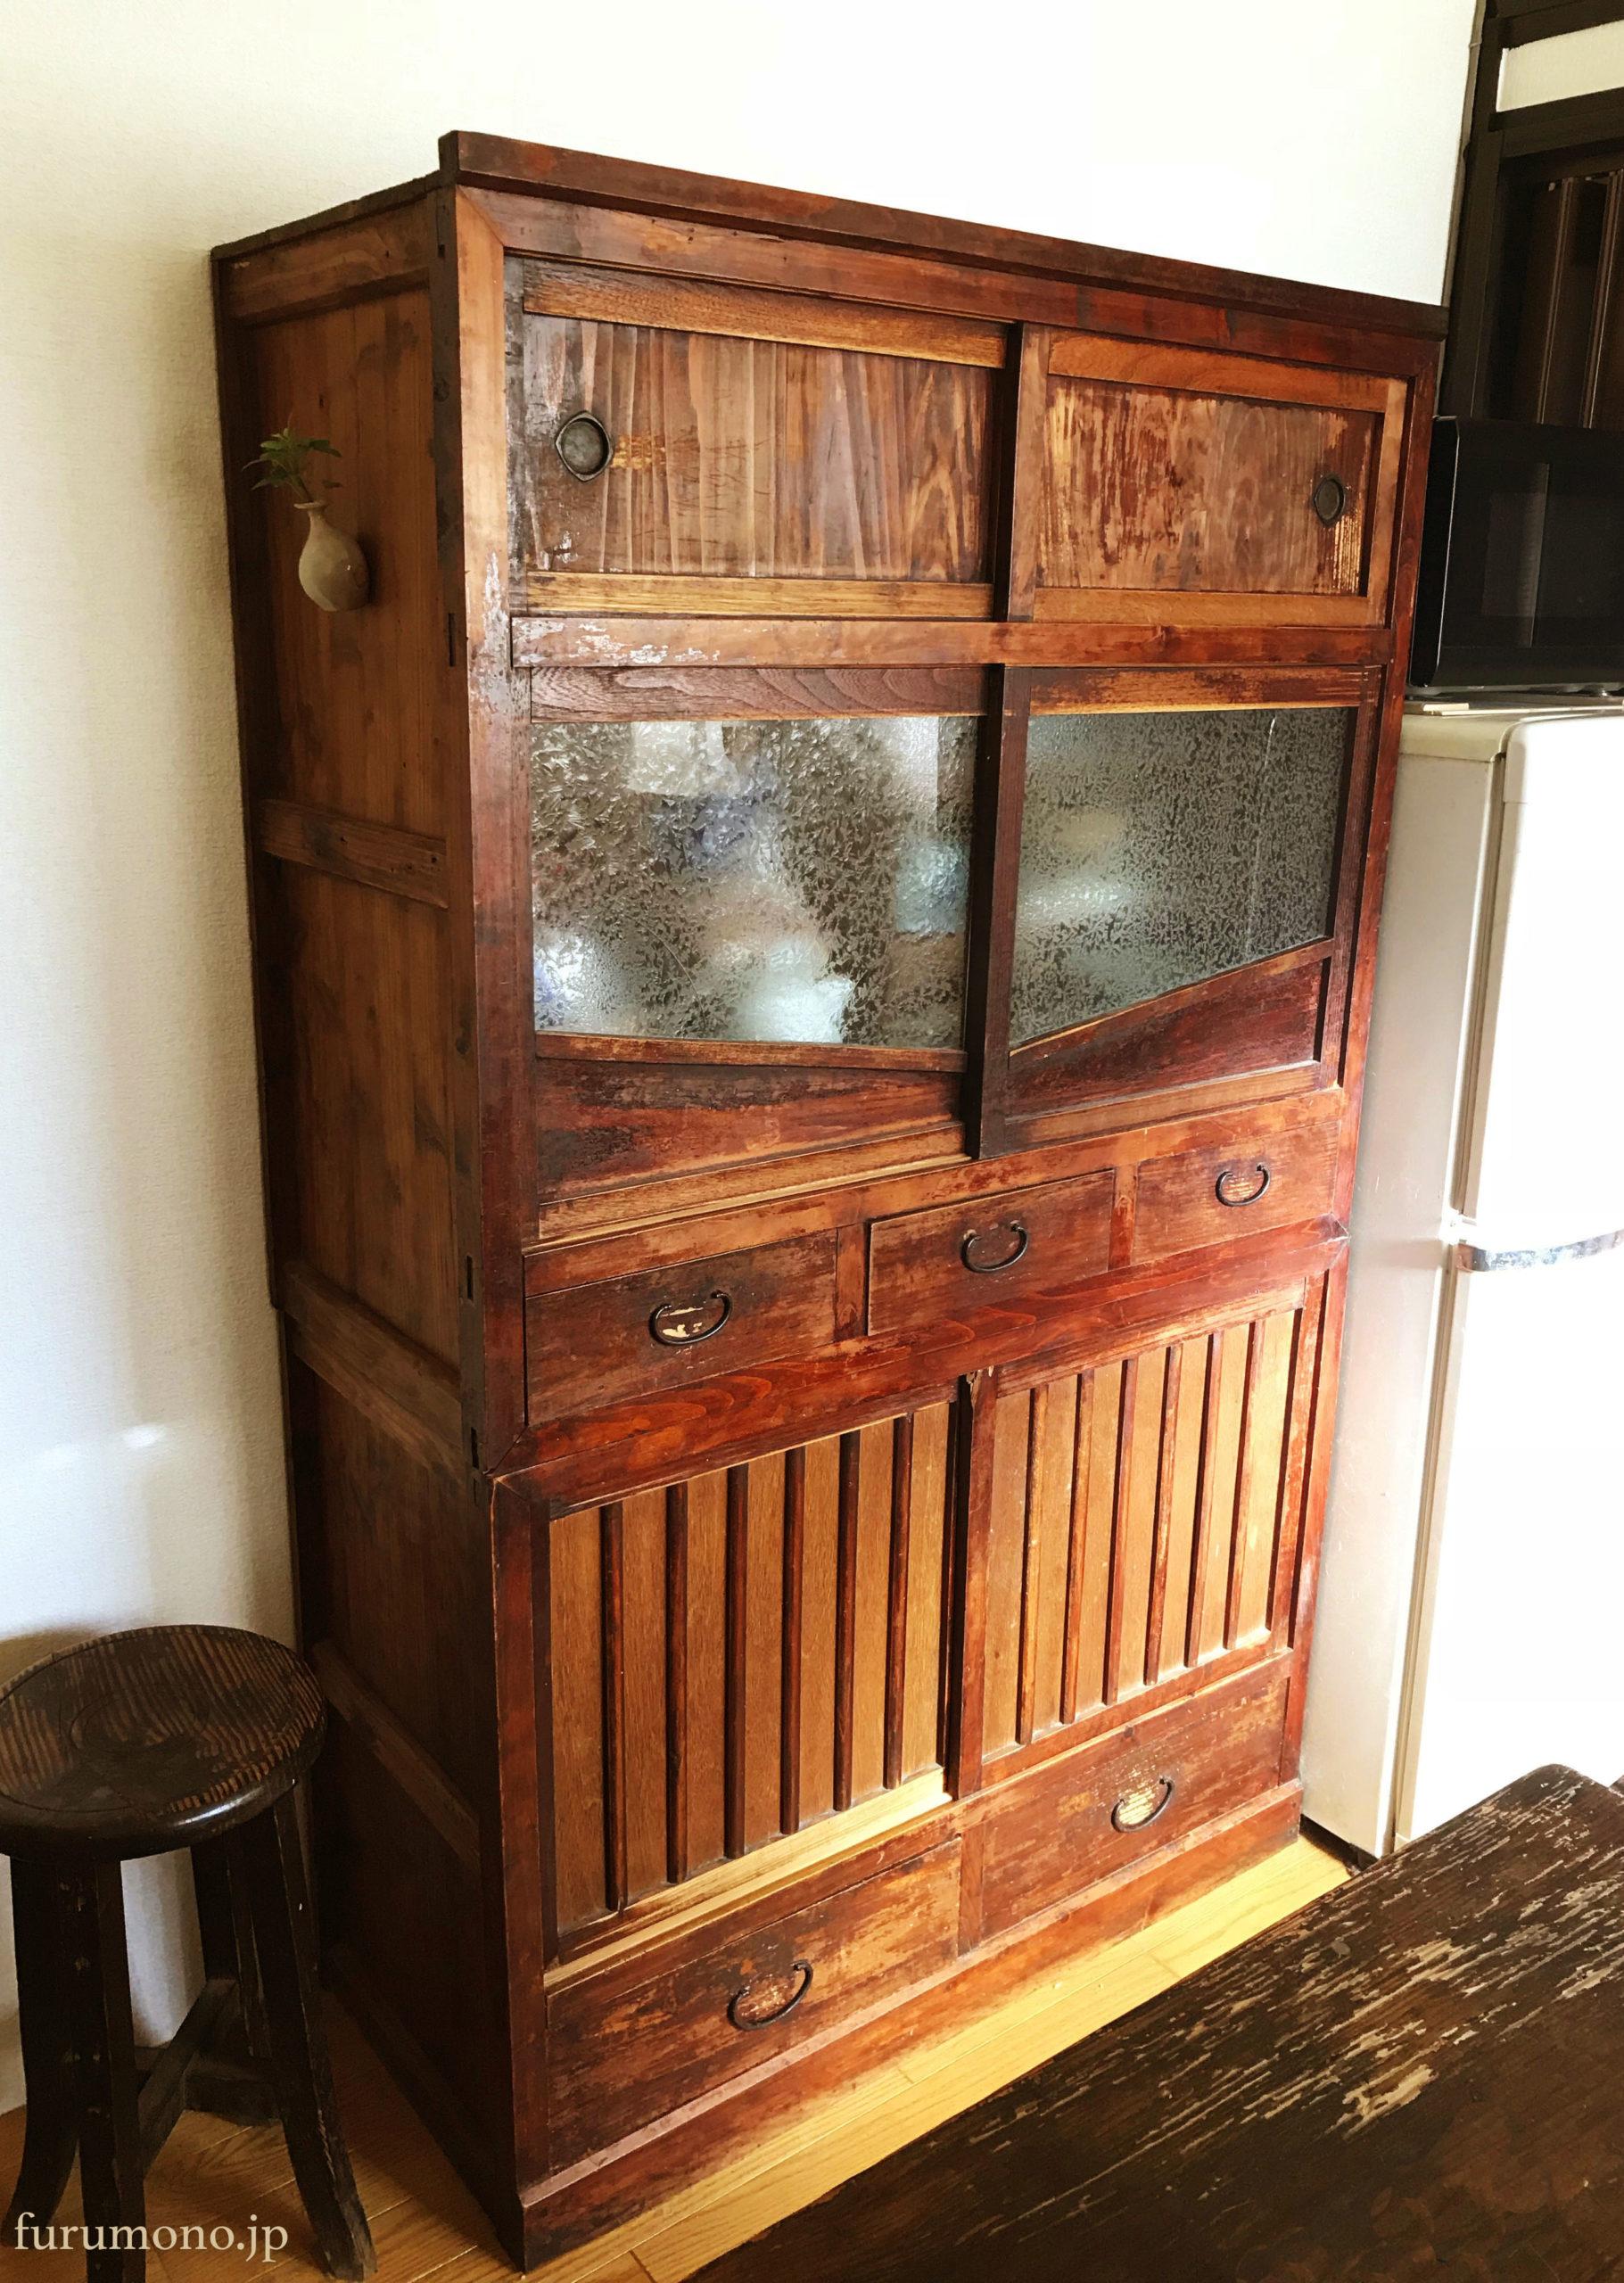 わが家の100年以上前のアンティーィク食器棚